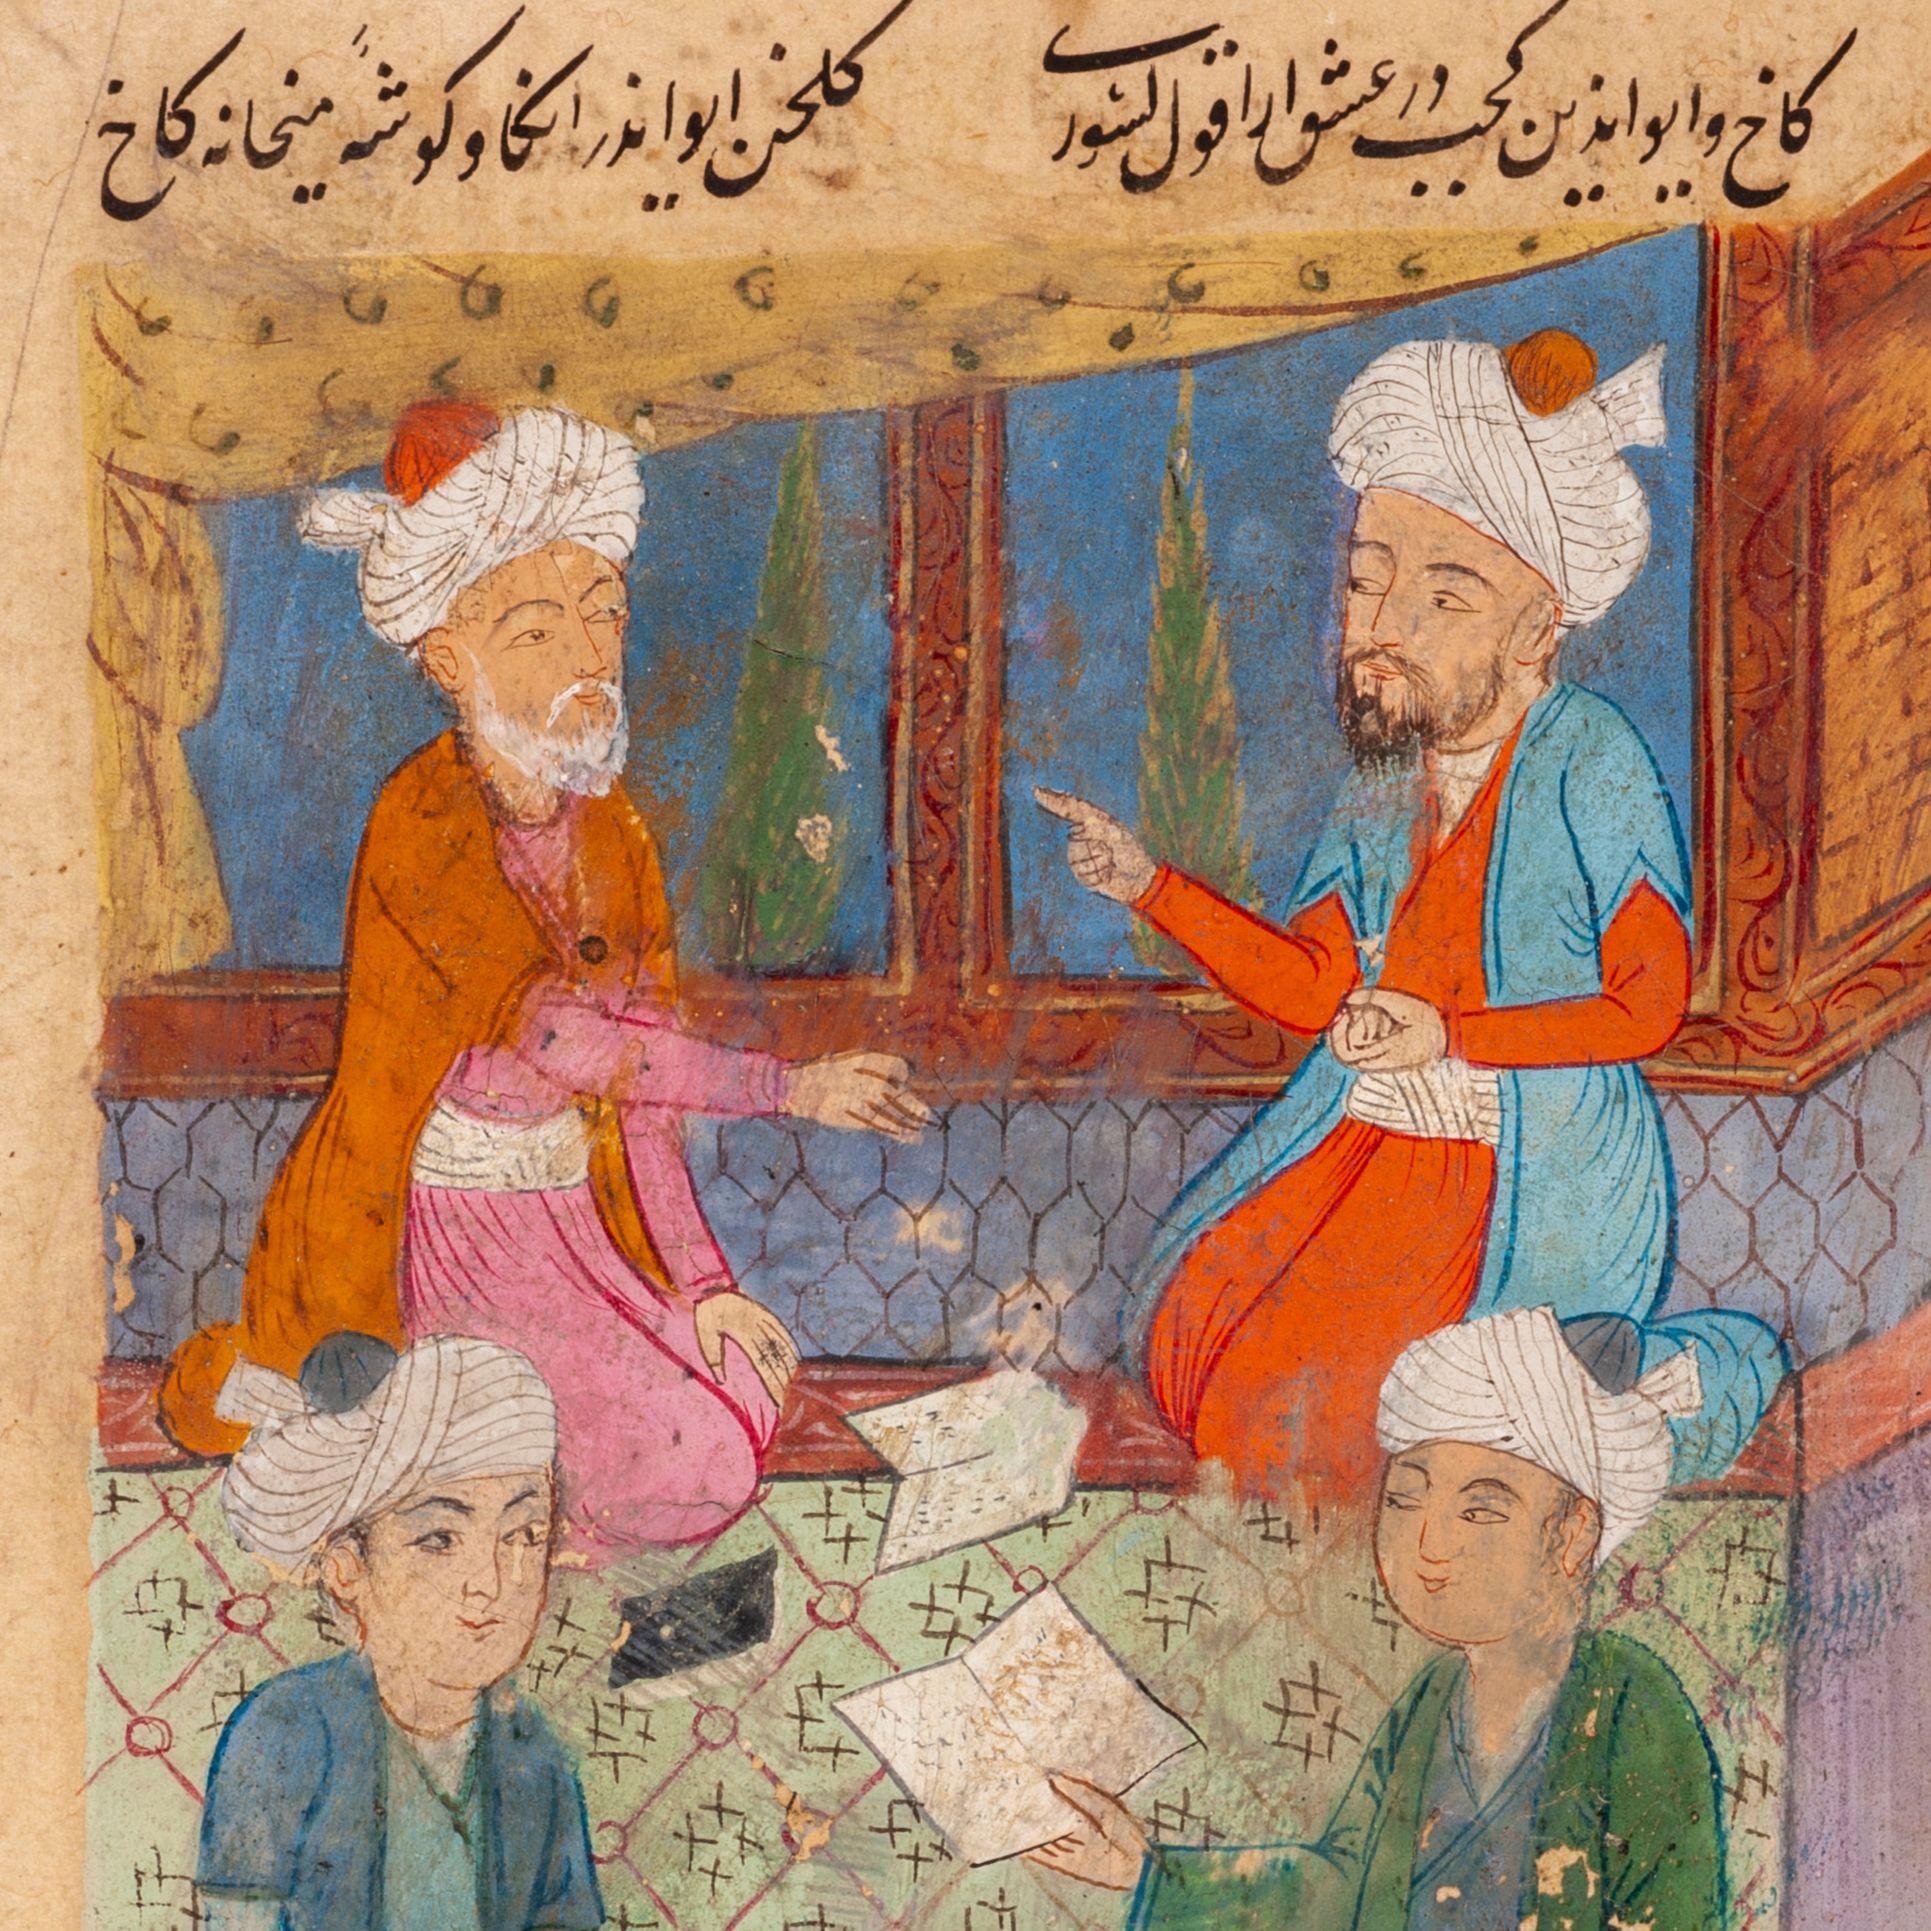 Osmanlı Yazmalarından Hikâyeler | Mehmet Kentel & Akif Yerlioğlu